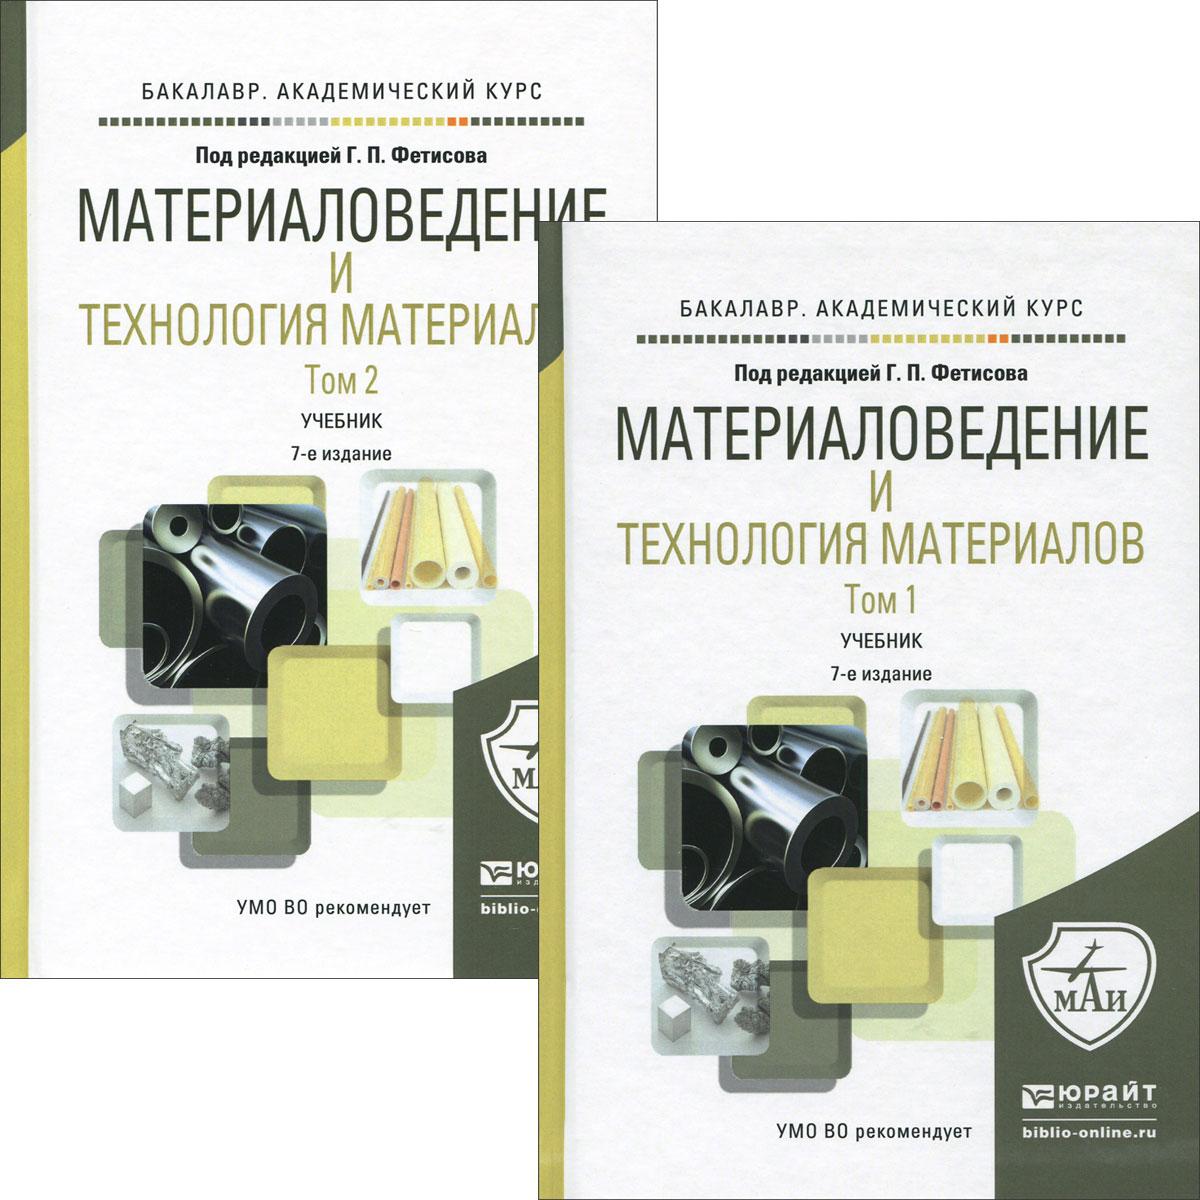 Mатериаловедение и технология материалов. Учебник. В 2 томах. Том 1-2 (комплект из 2 книг)